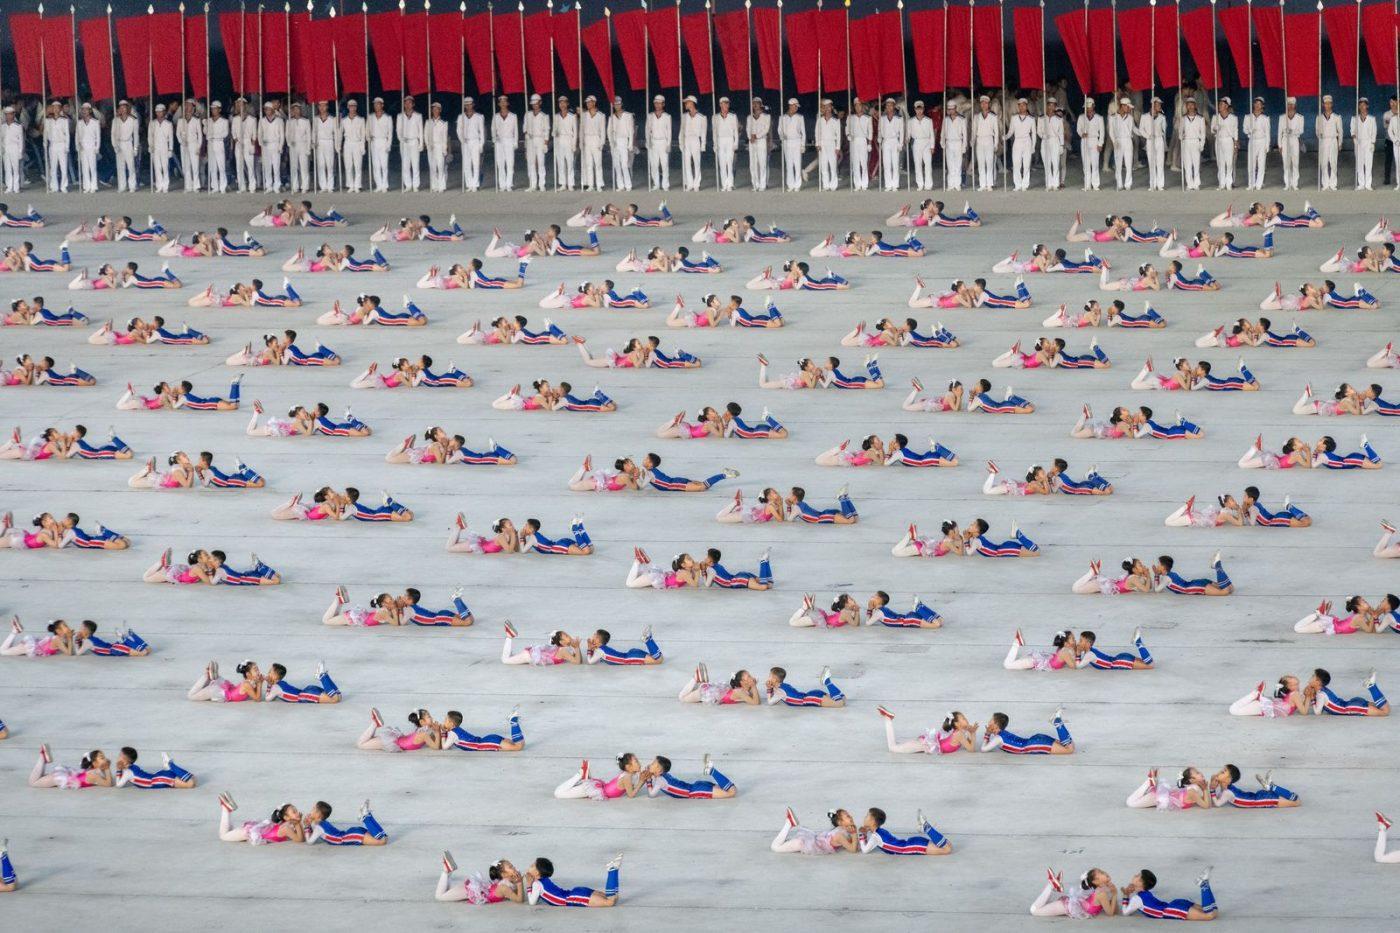 CREATIVE: GYMNASTS by TED LAU (HONG KONG SAR CHINA) HONORABLE MENTION